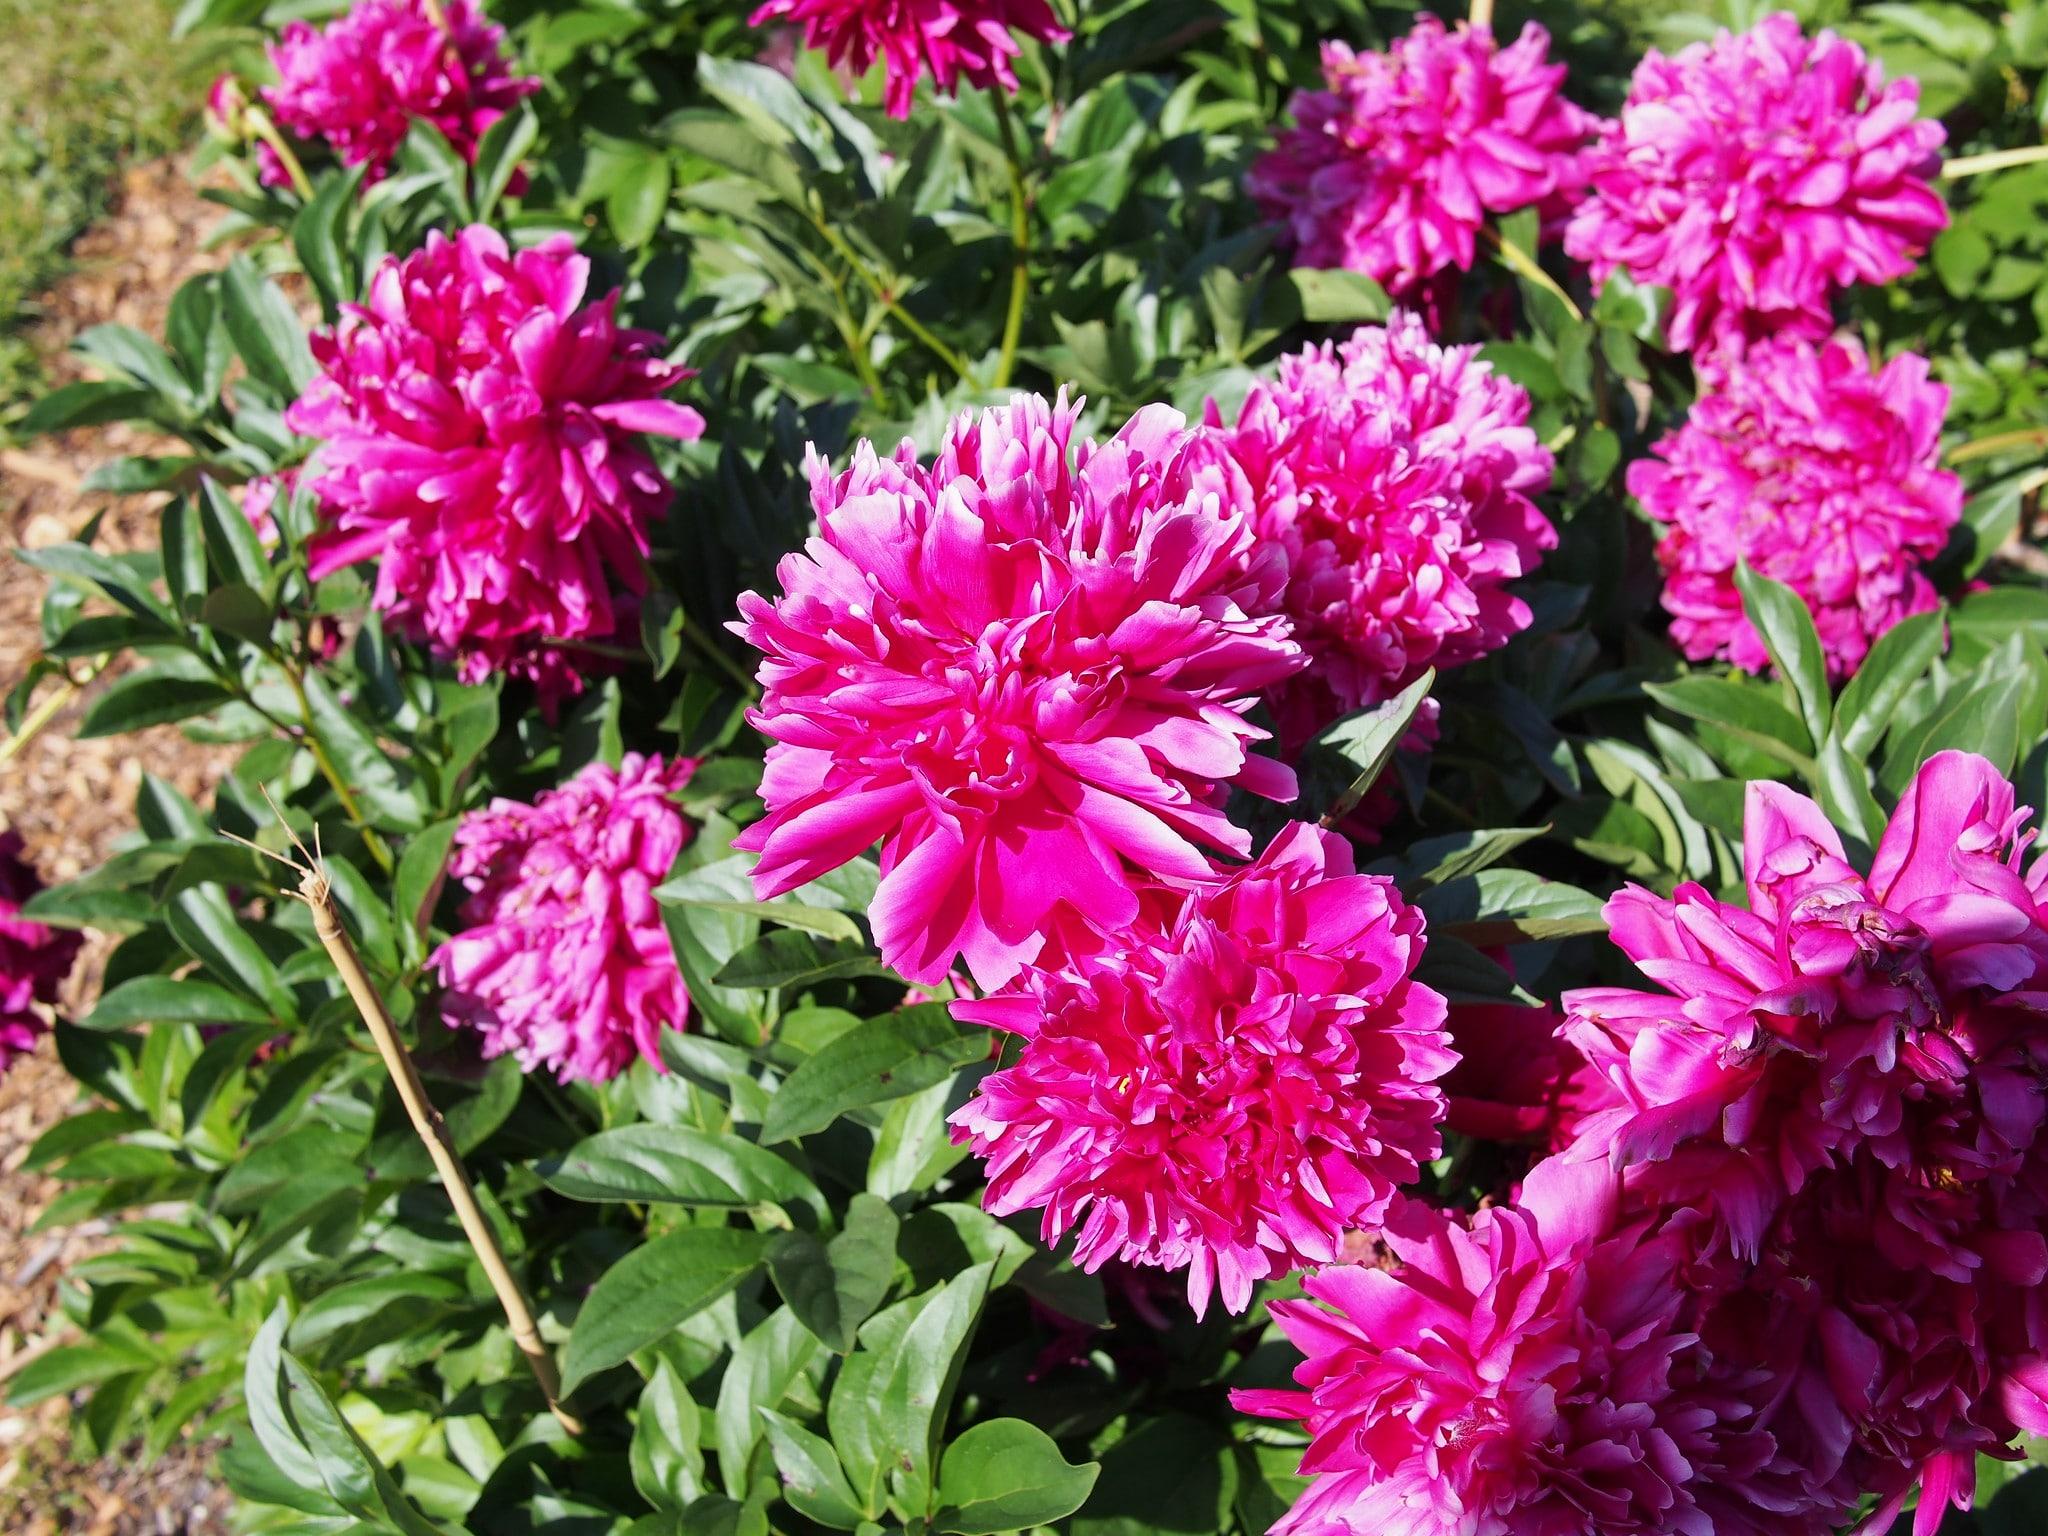 La peonía Karl Ronsefield produce flores rosas